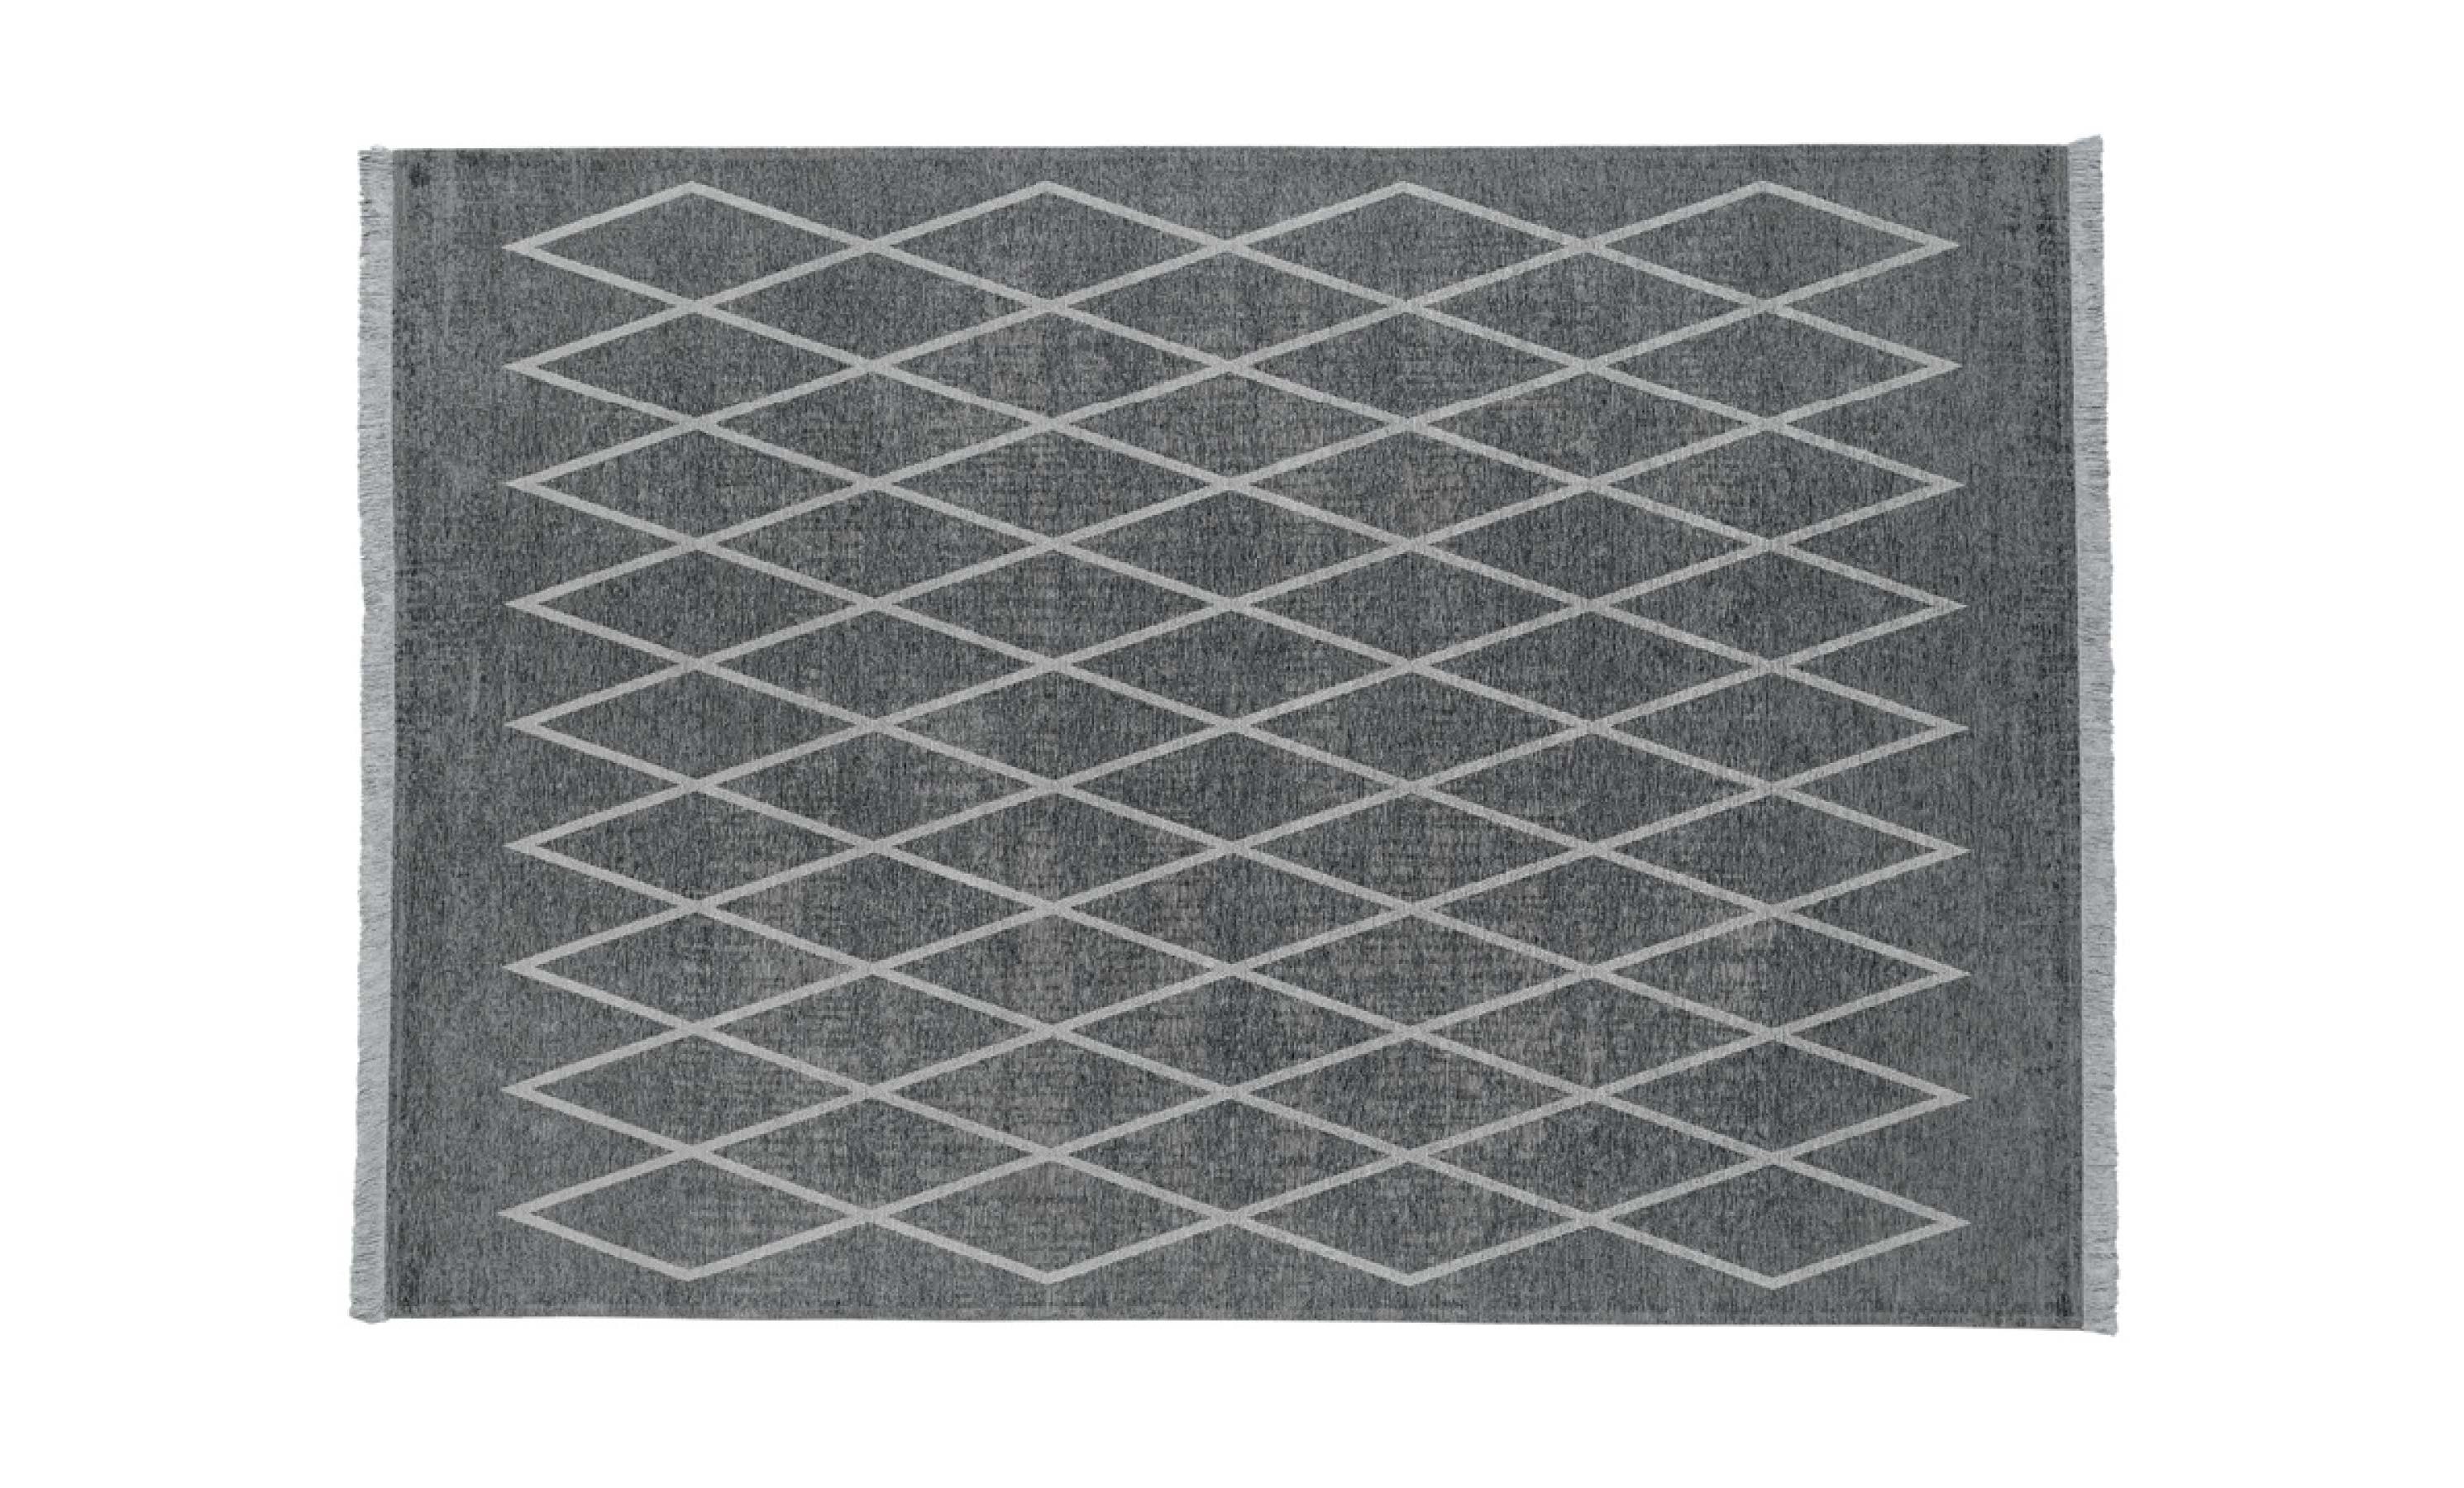 http://desidea.hu/wp-content/uploads/2019/11/tappeto-rug-frame.jpg